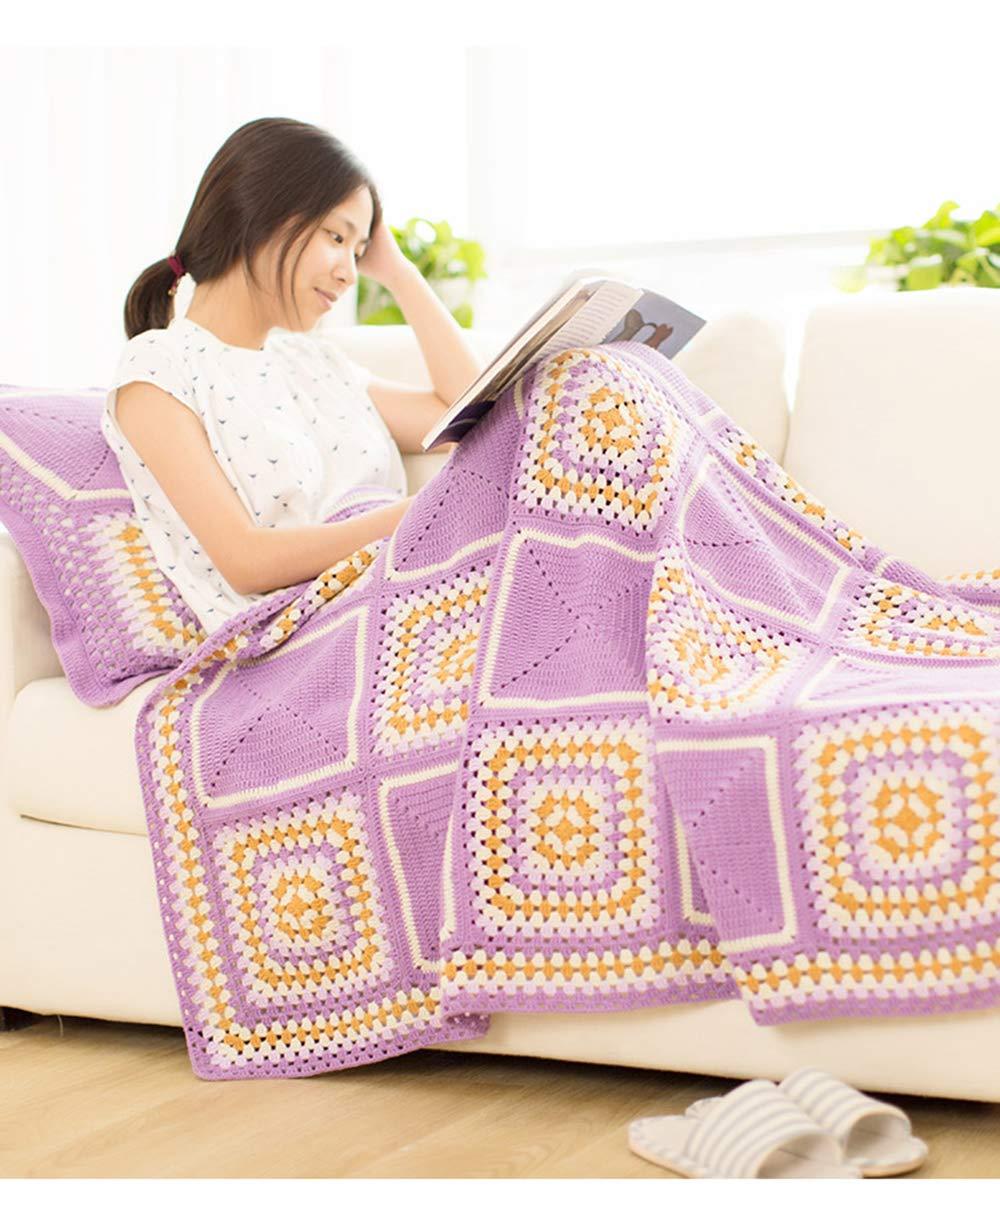 超可爱 毛布 - 綿のDIY手作りのかぎ針編みの織物の毛布の赤ちゃんのスカーフ服編組のライン毛布 Purple、暖かい冬の背景タペストリーDIYソファタオル寝具ブランケット+枕,Purple - B07HC9D31L Purple B07HC9D31L, バイク通販 ファーストオート:8dd331c6 --- diceanalytics.pk